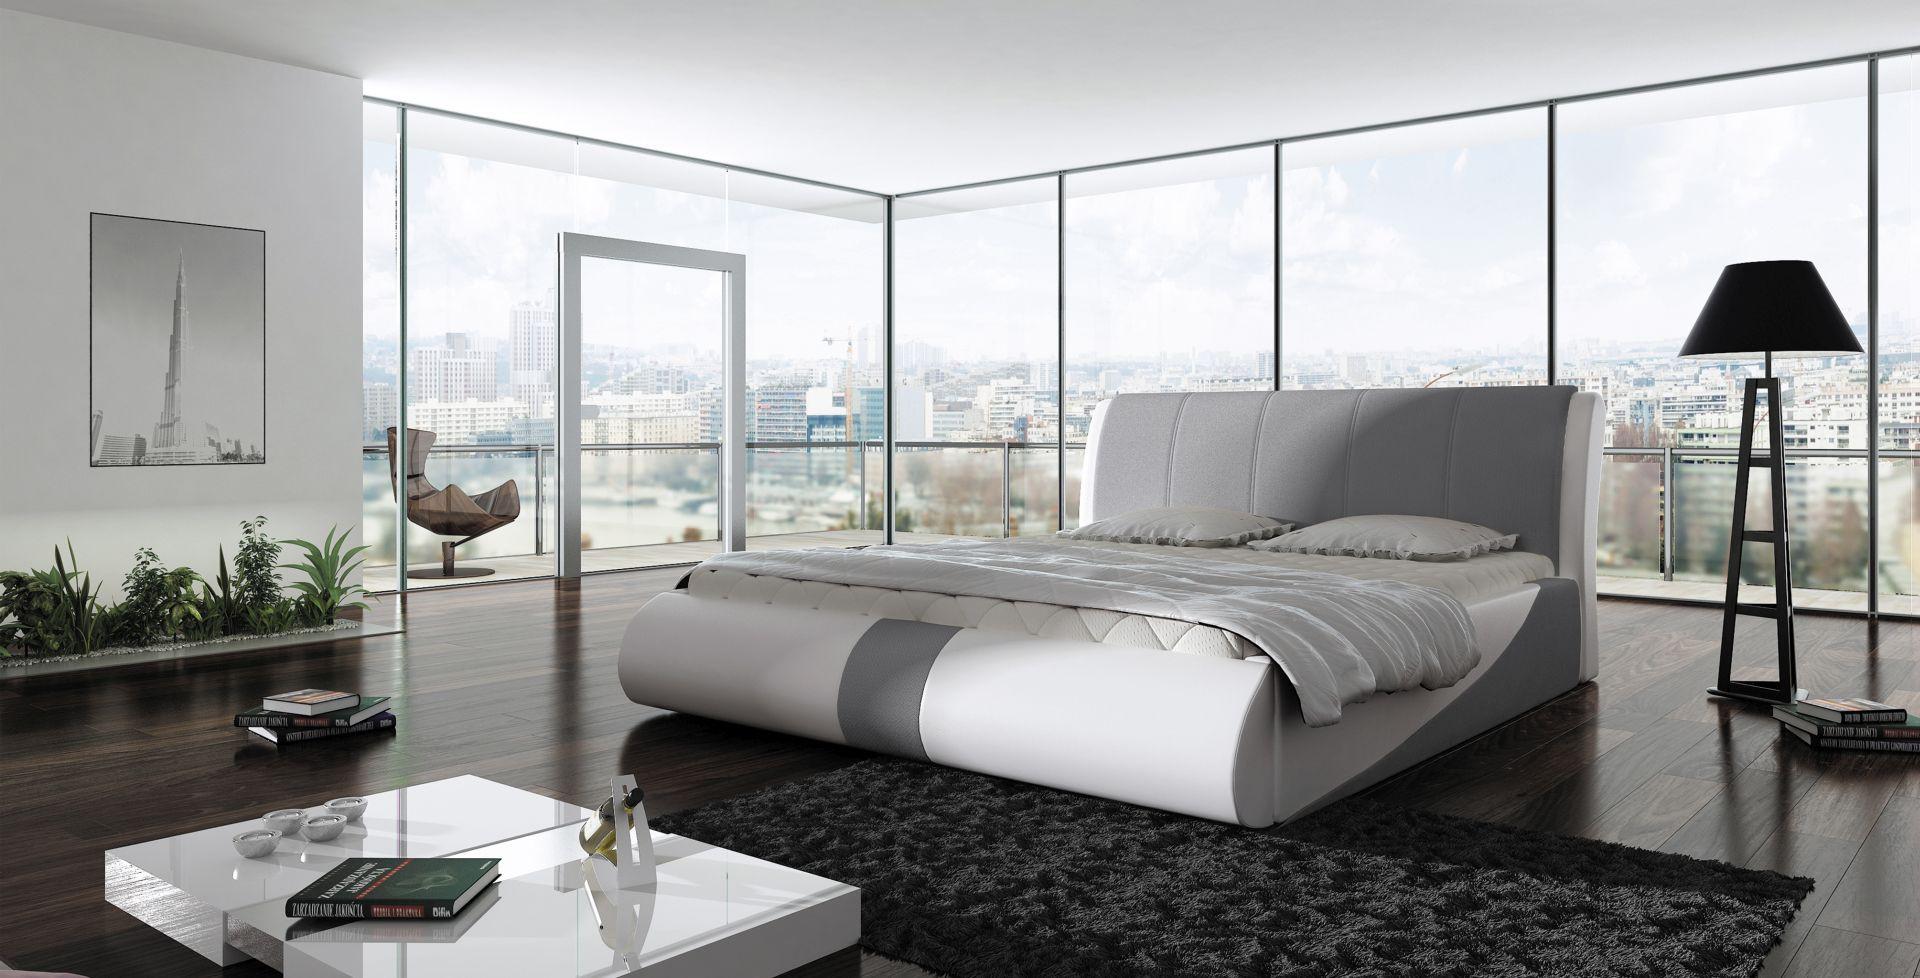 Łóżko Presto firmy Wersal. Fot. Wersal